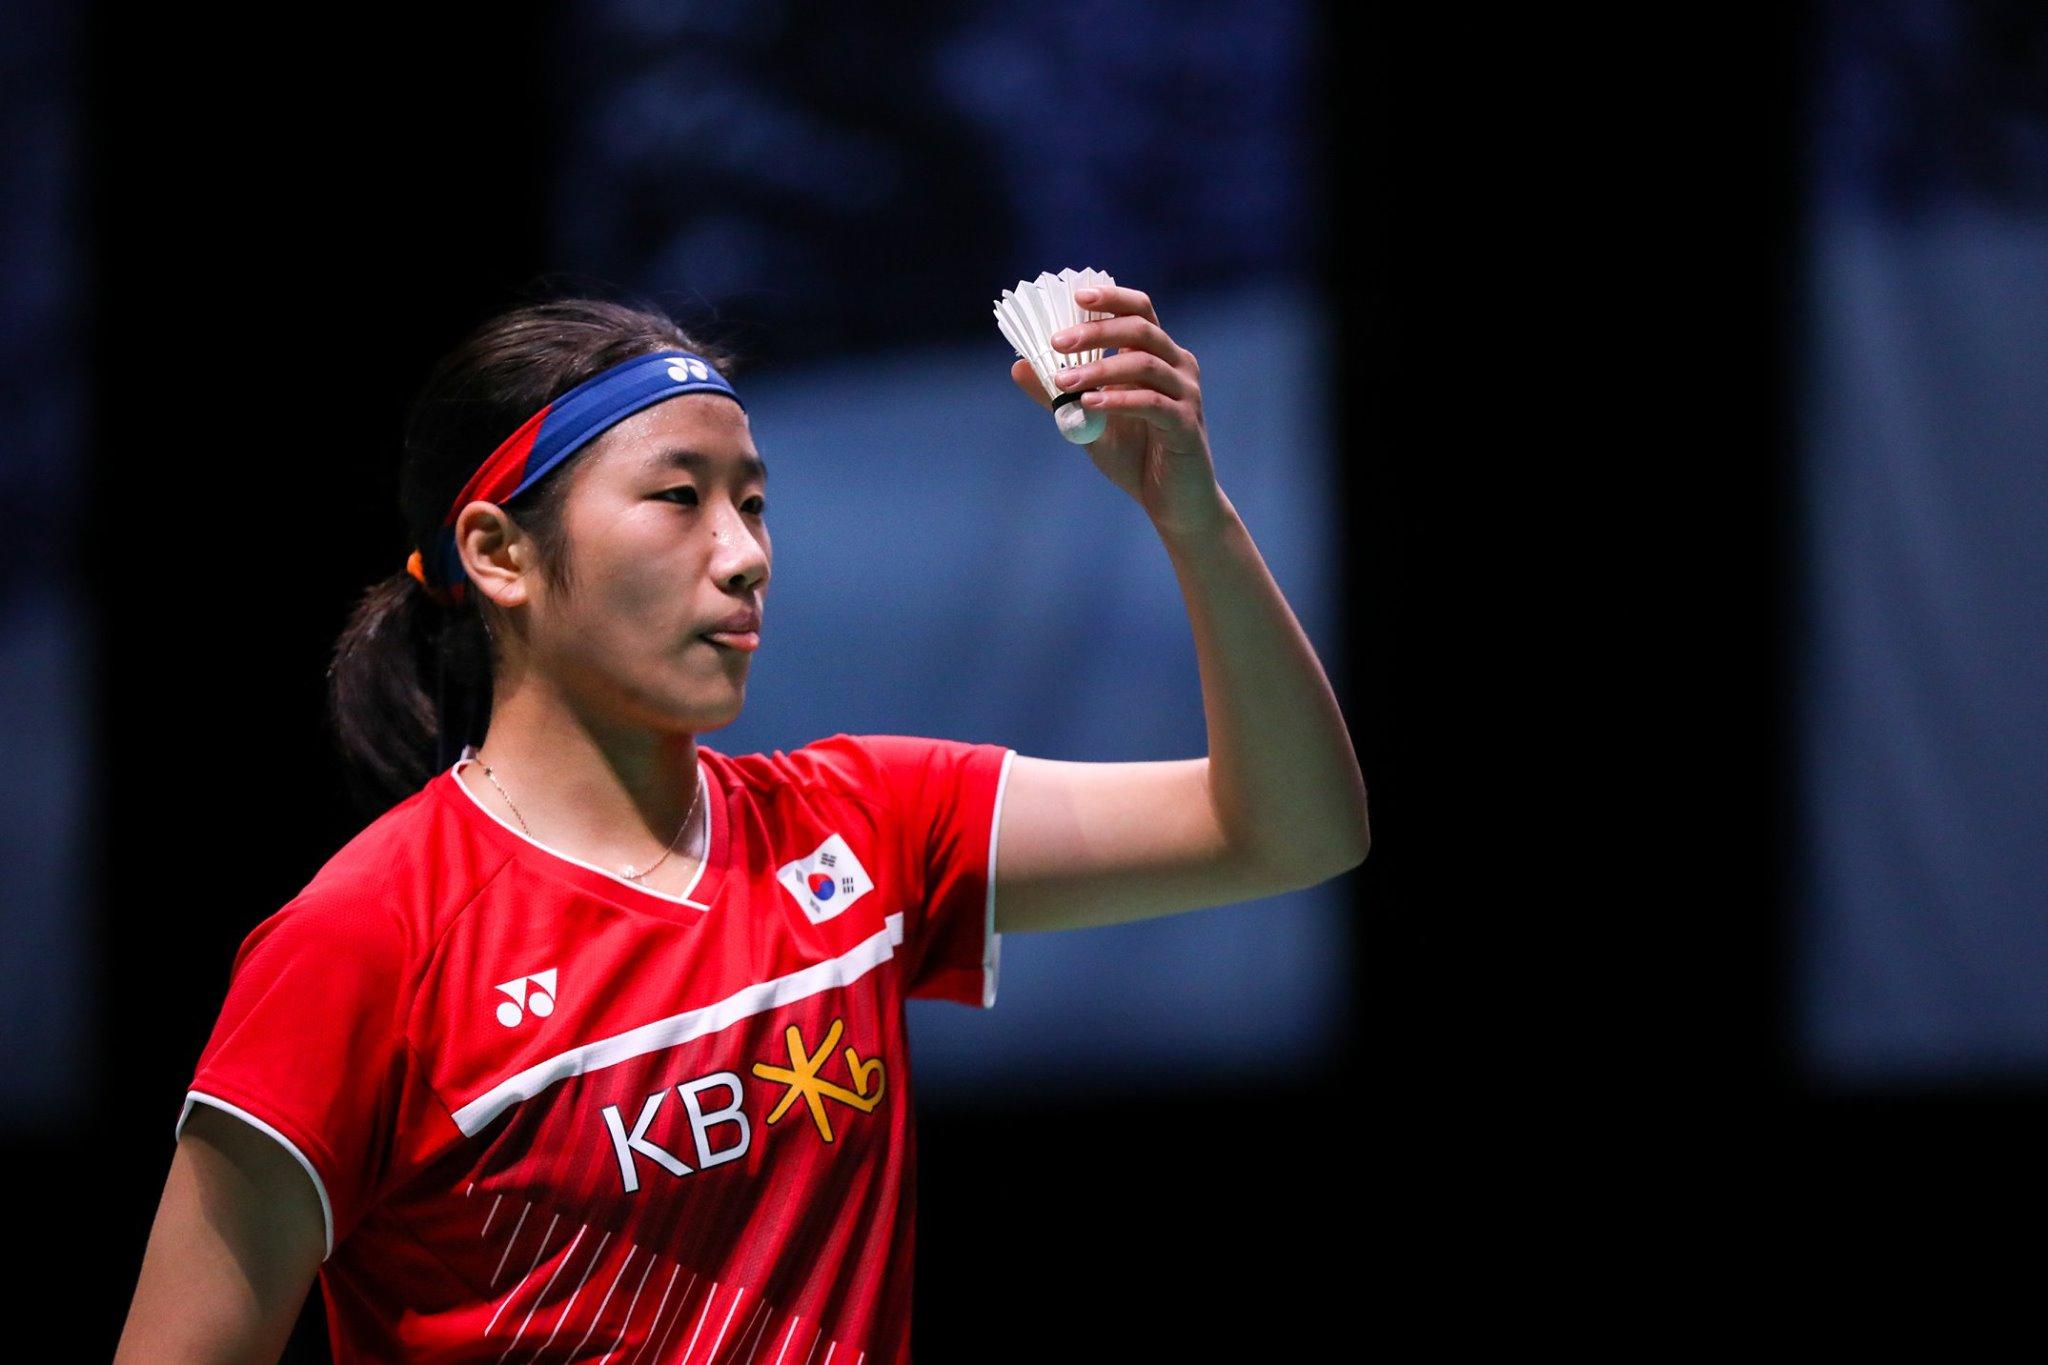 尤杯|轻松横扫中华台北 韩国锁定C组第一